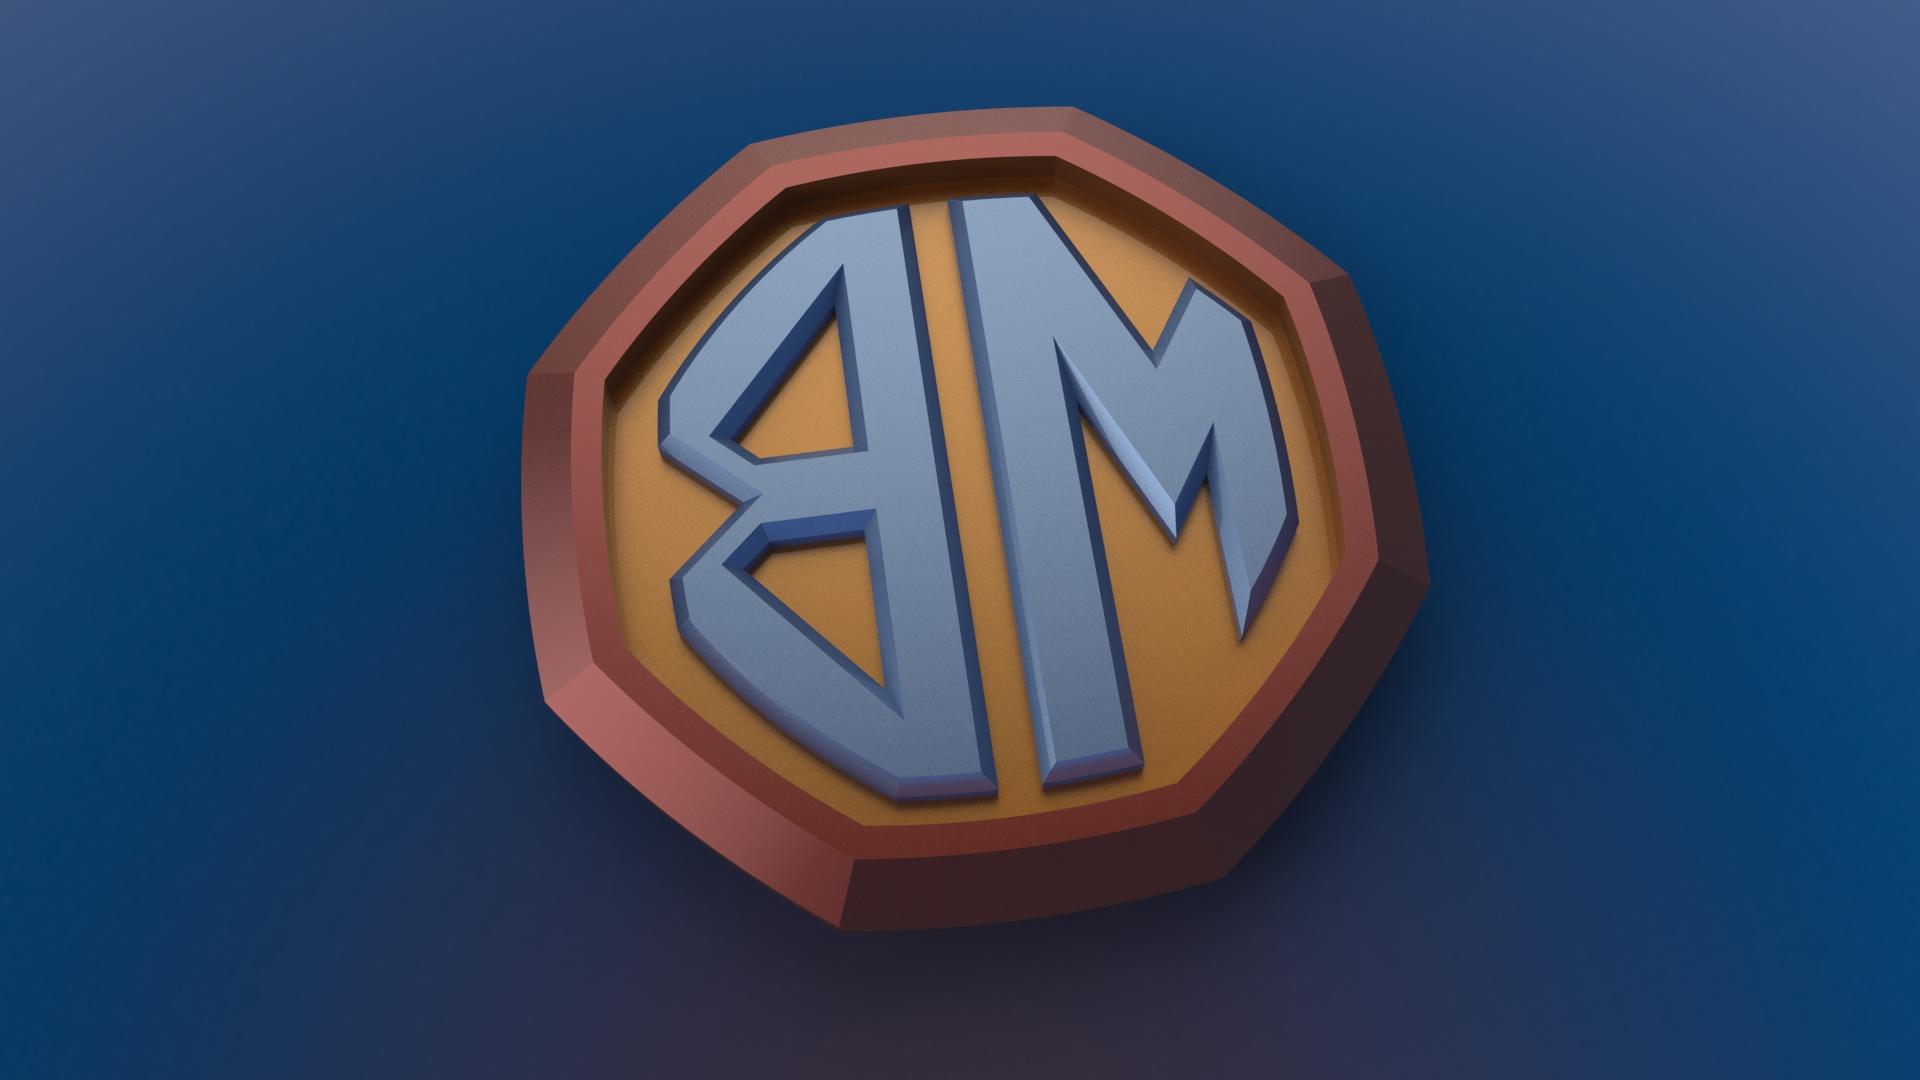 BM-logo-02.jpg